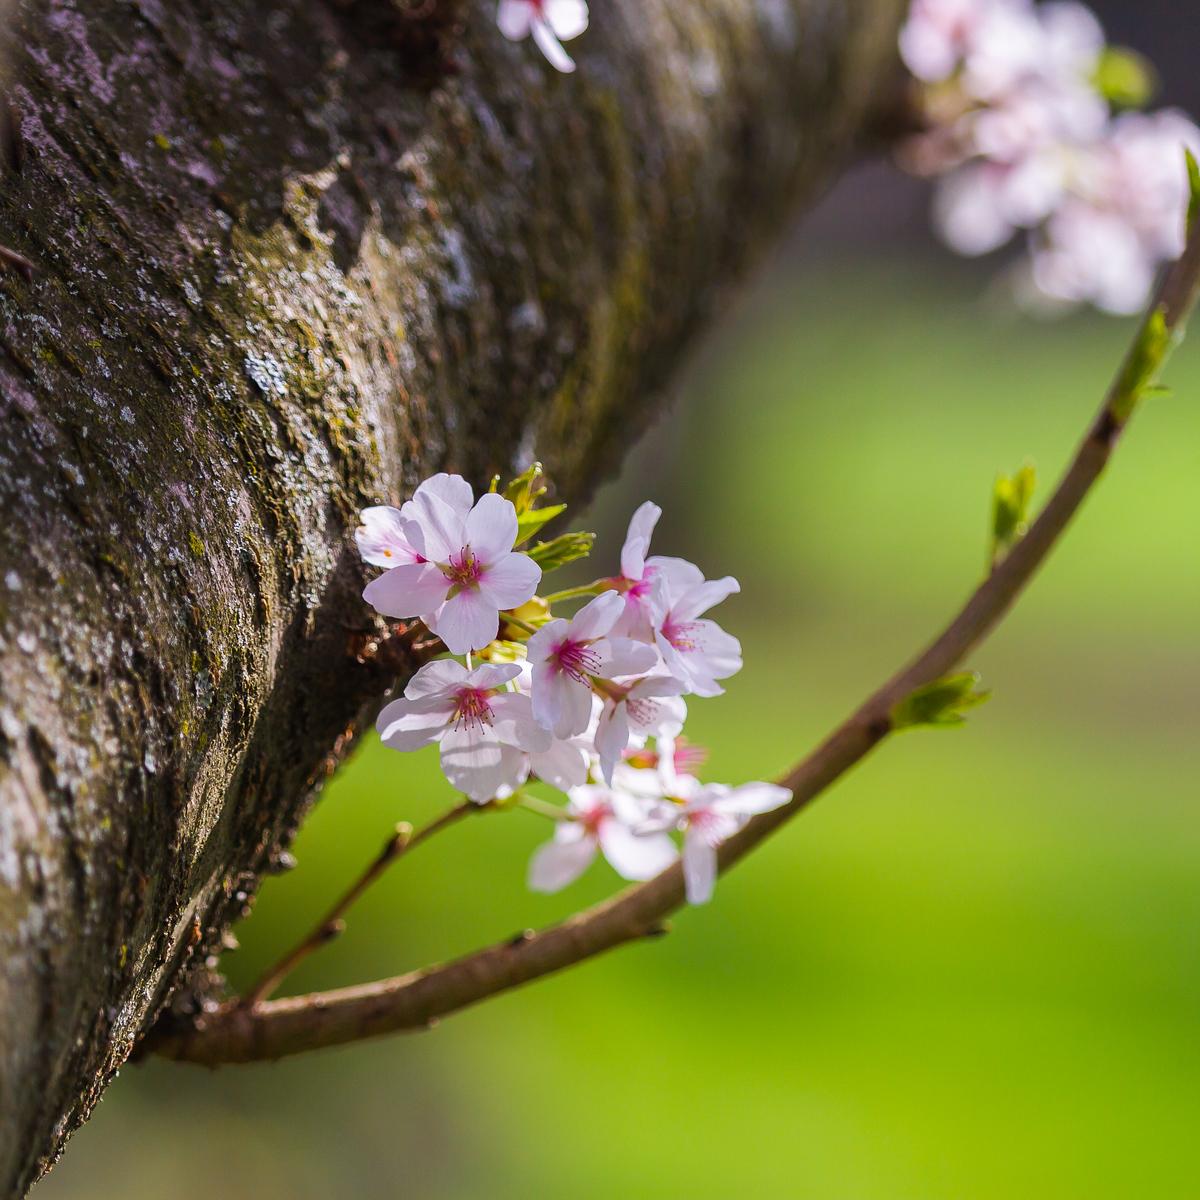 樱花开满枝